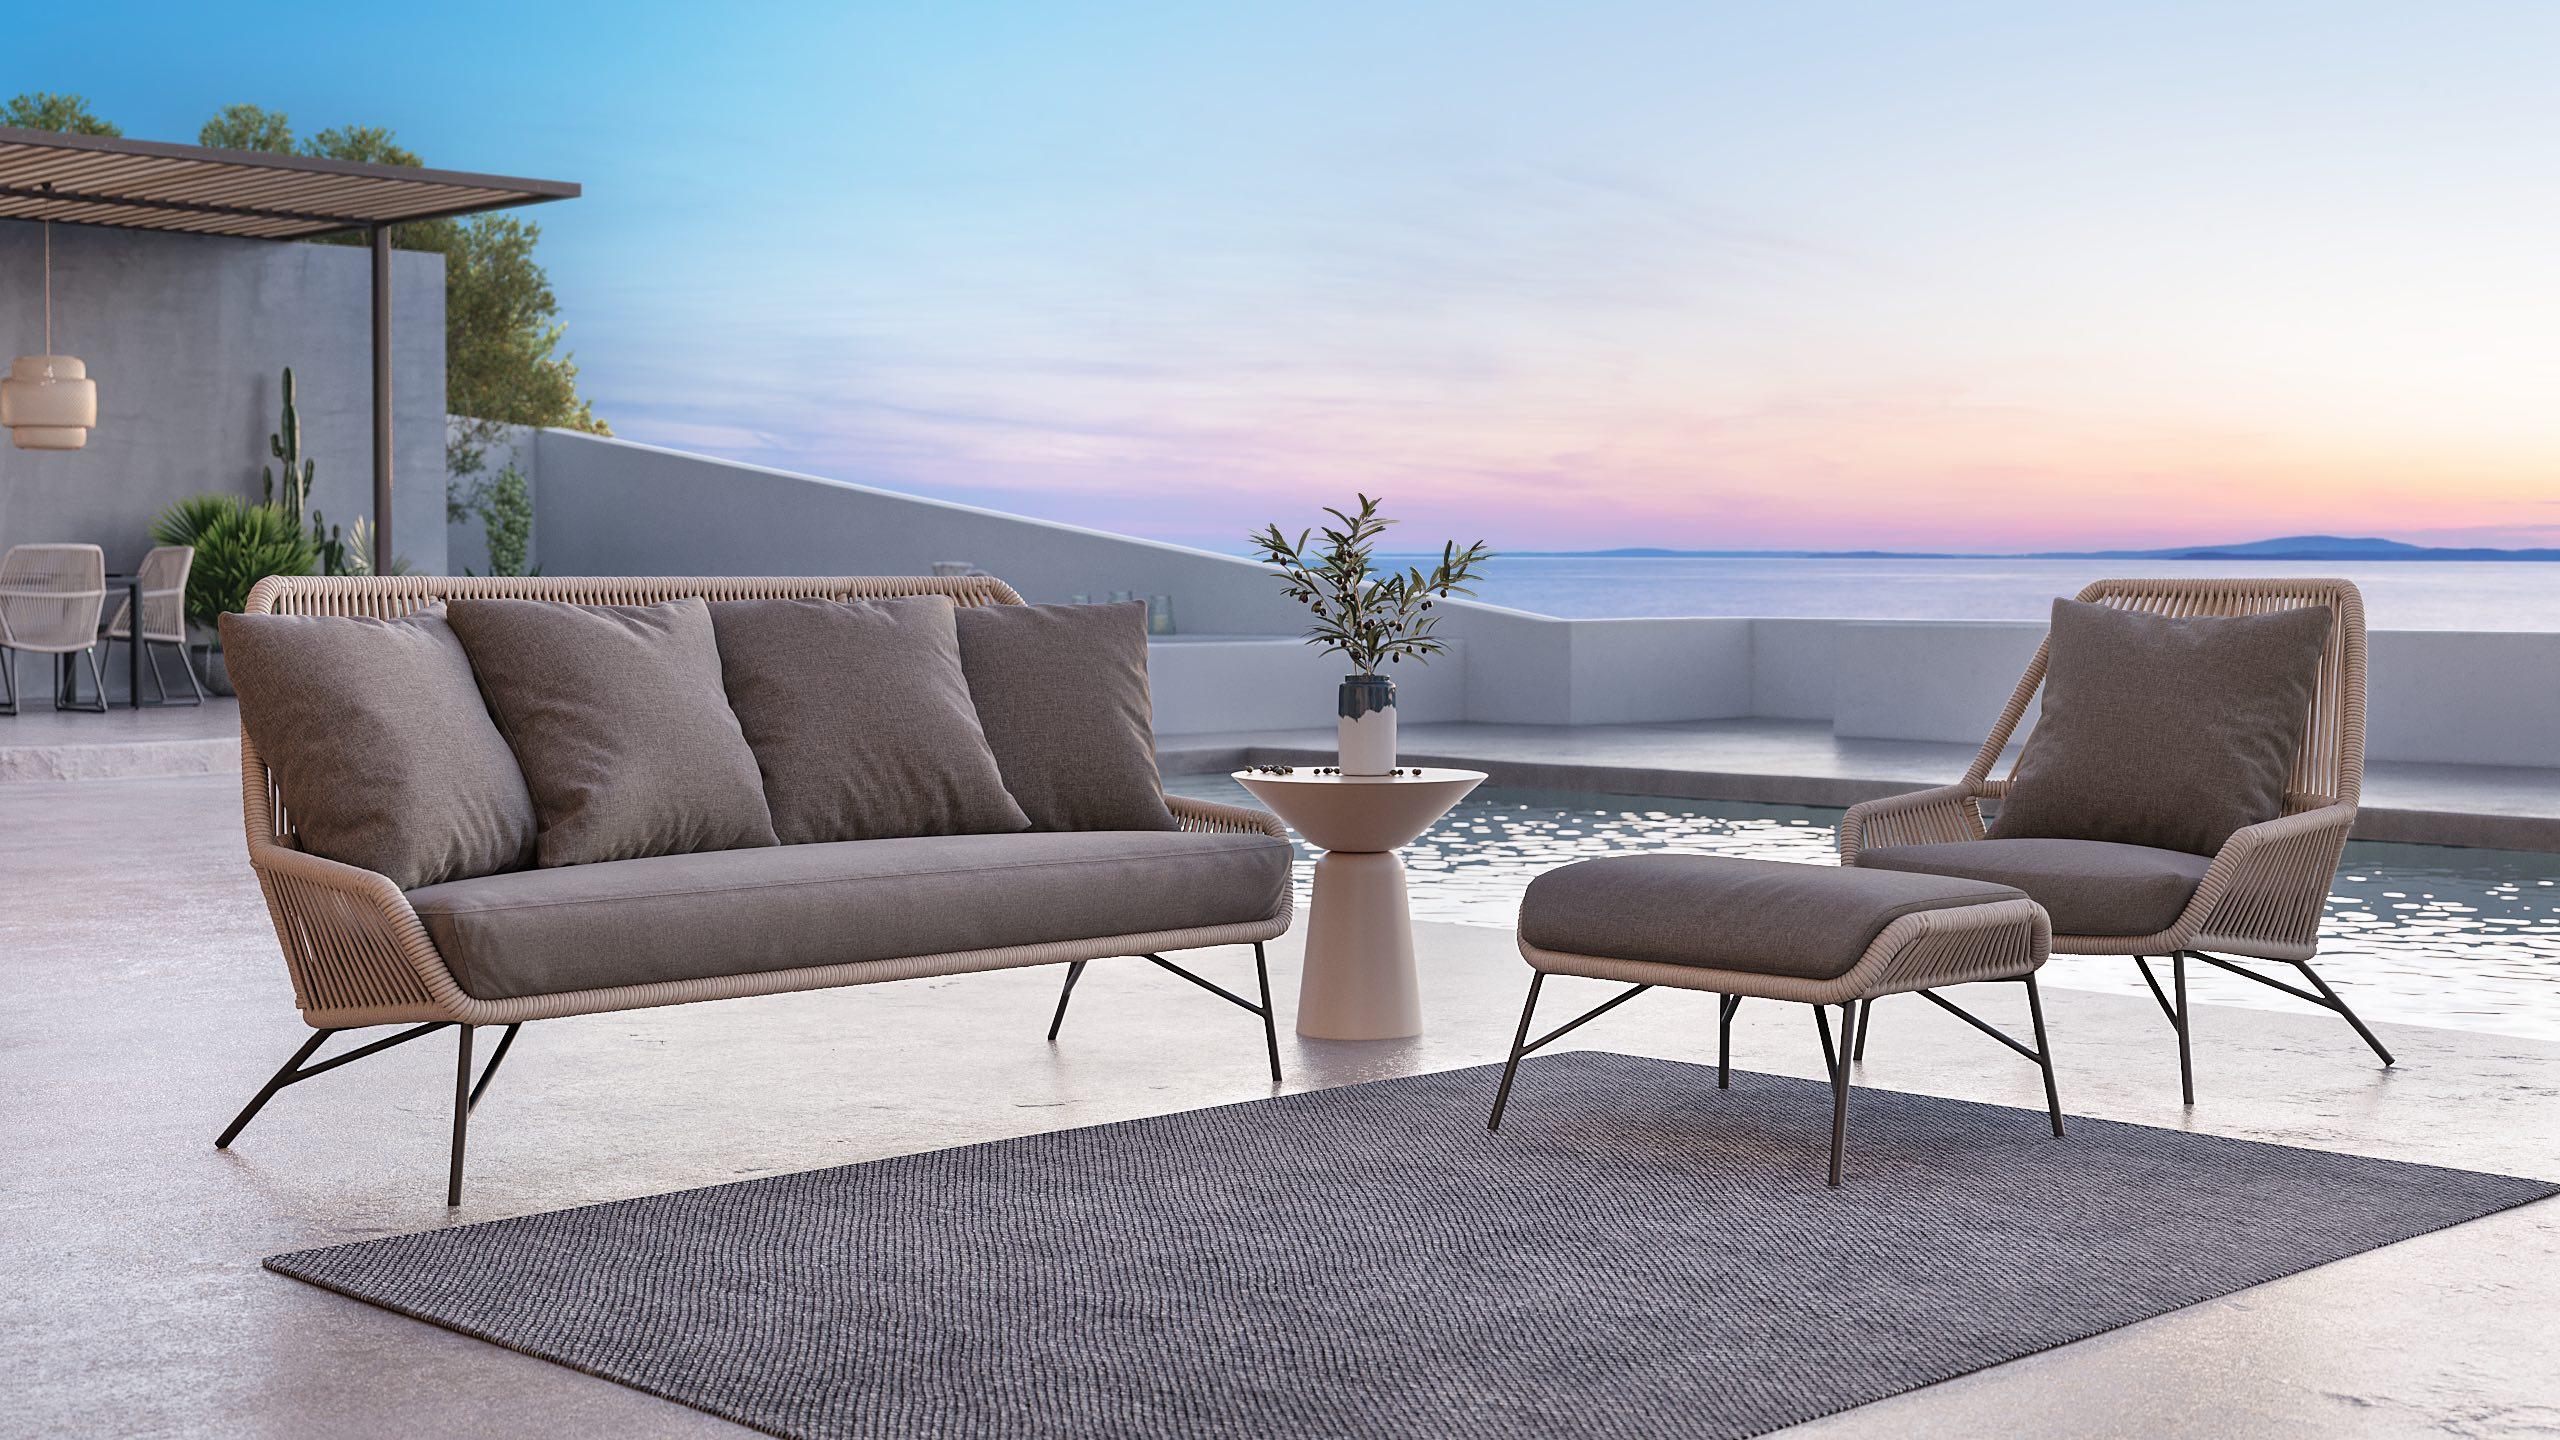 Coole Loungemöbel für Ihr zweites Wohnzimmer im Freien